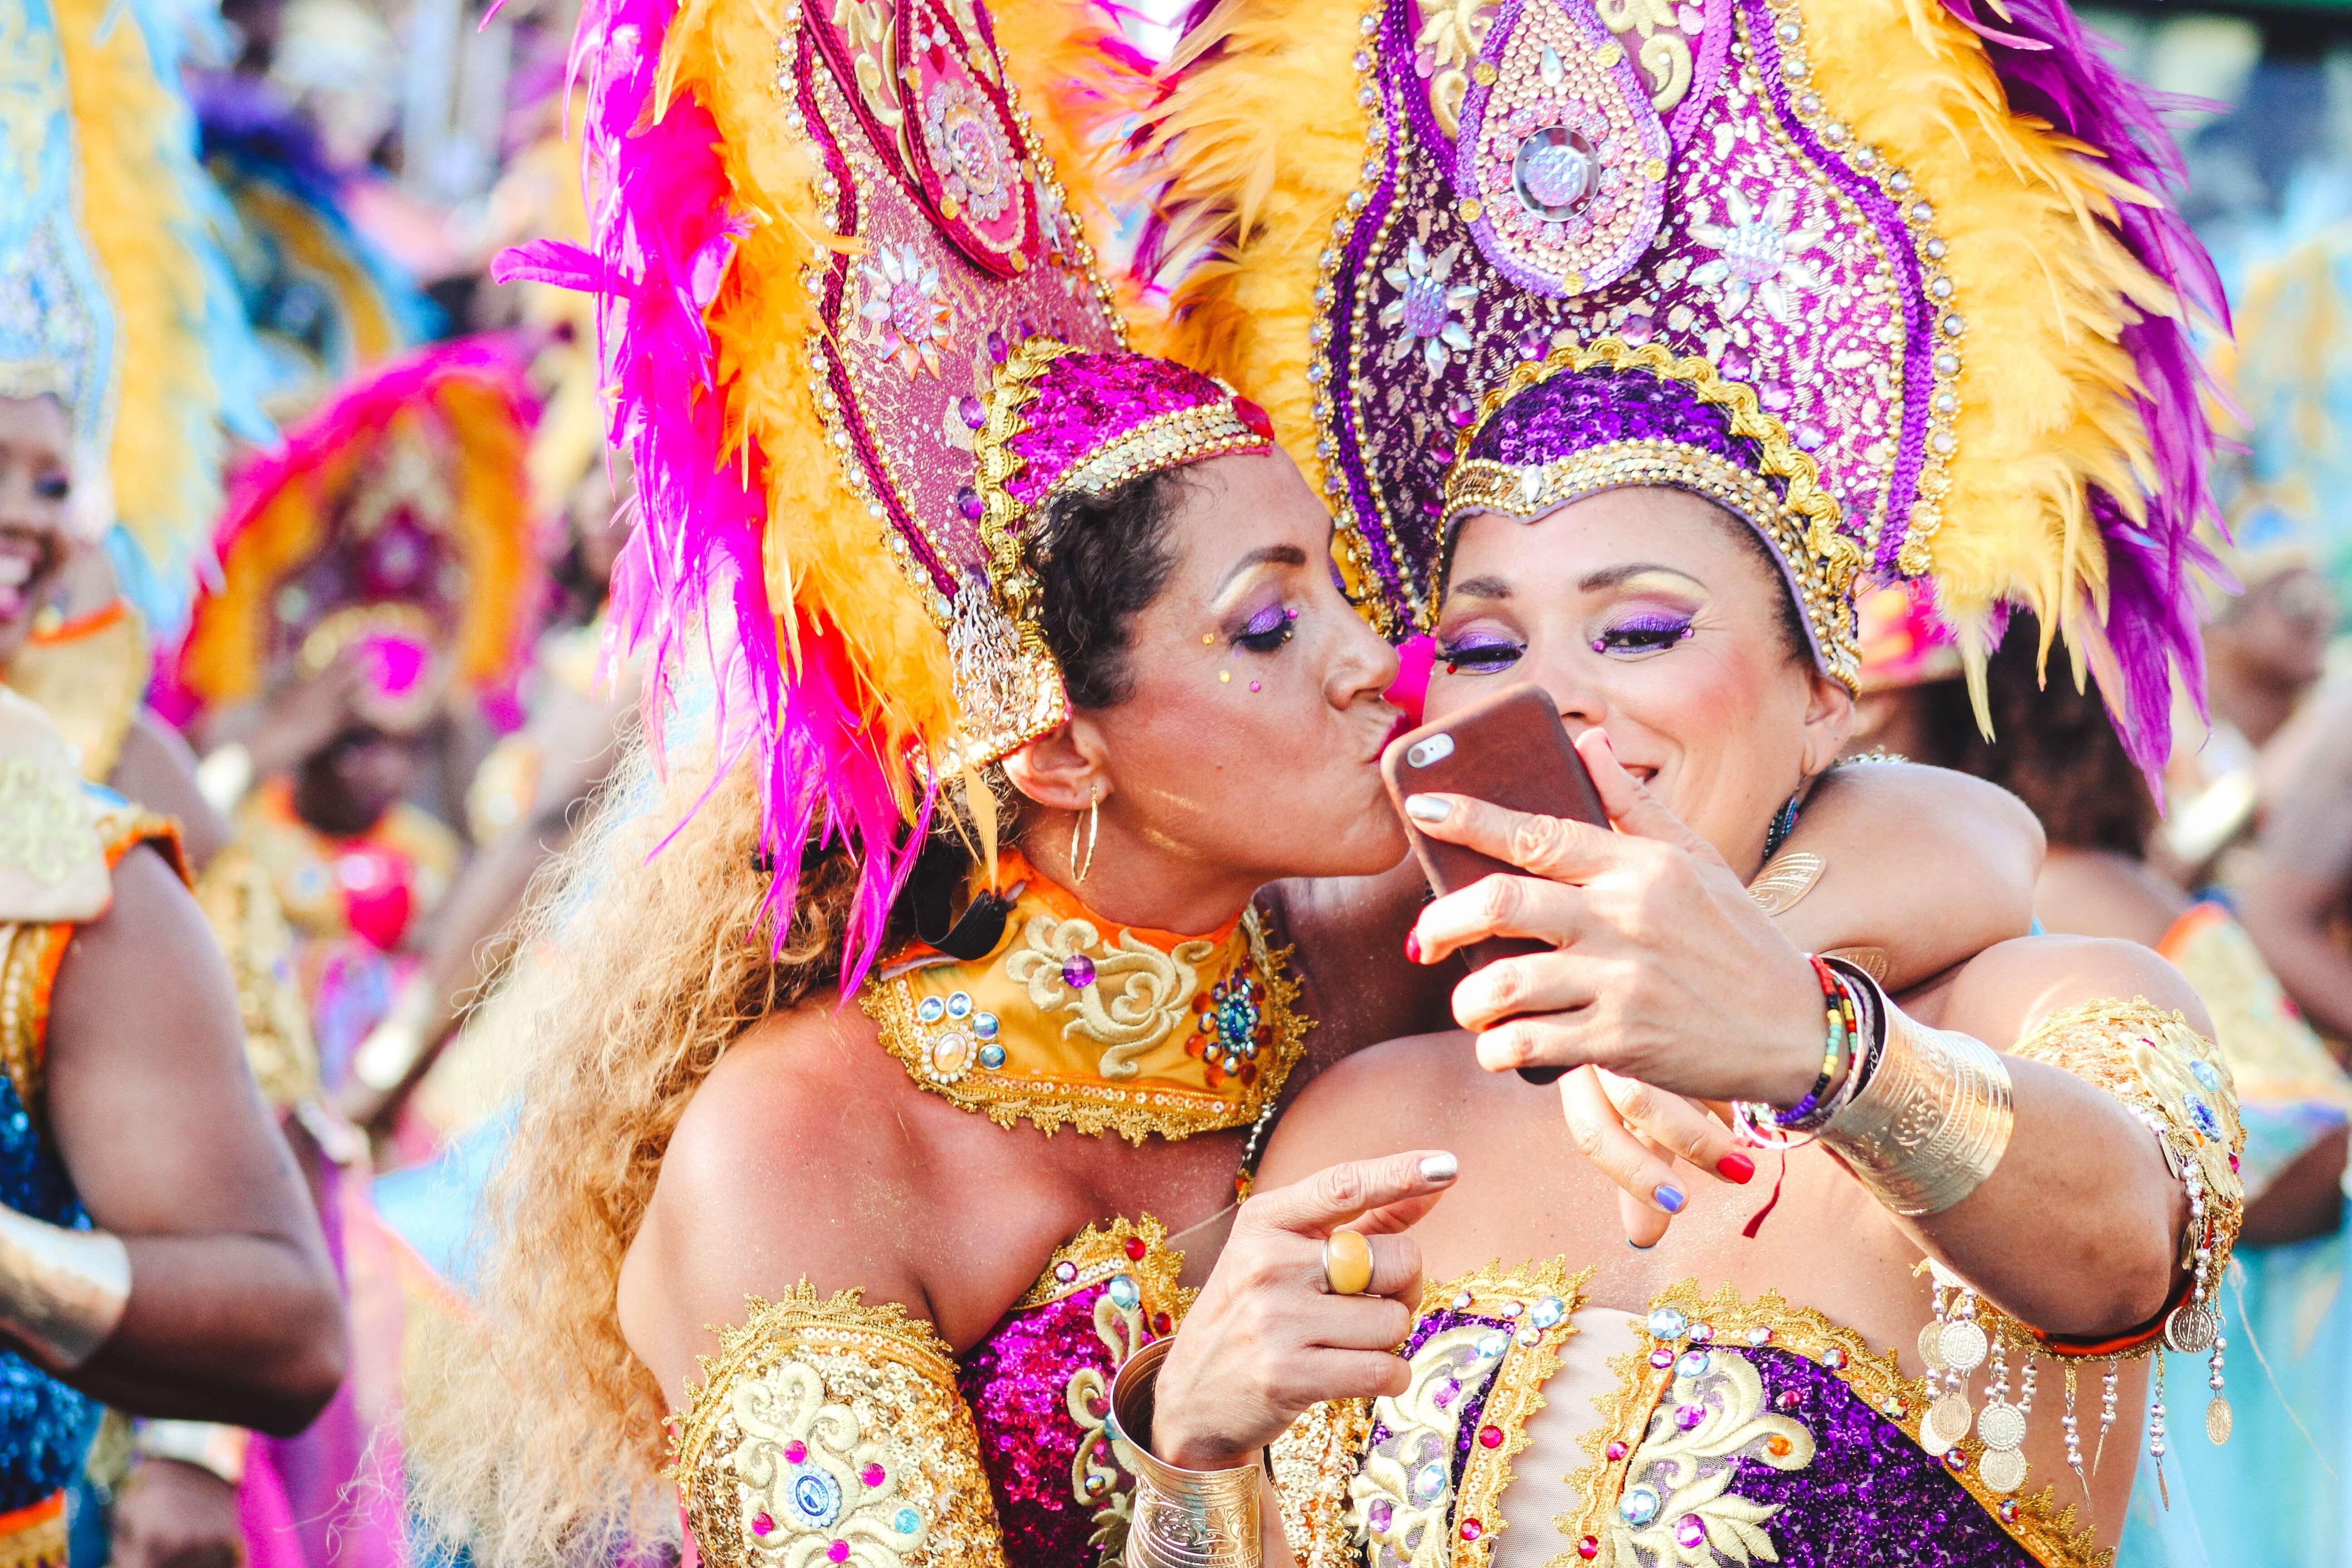 inspire-se para o visual merchandising de sua loja neste carnaval